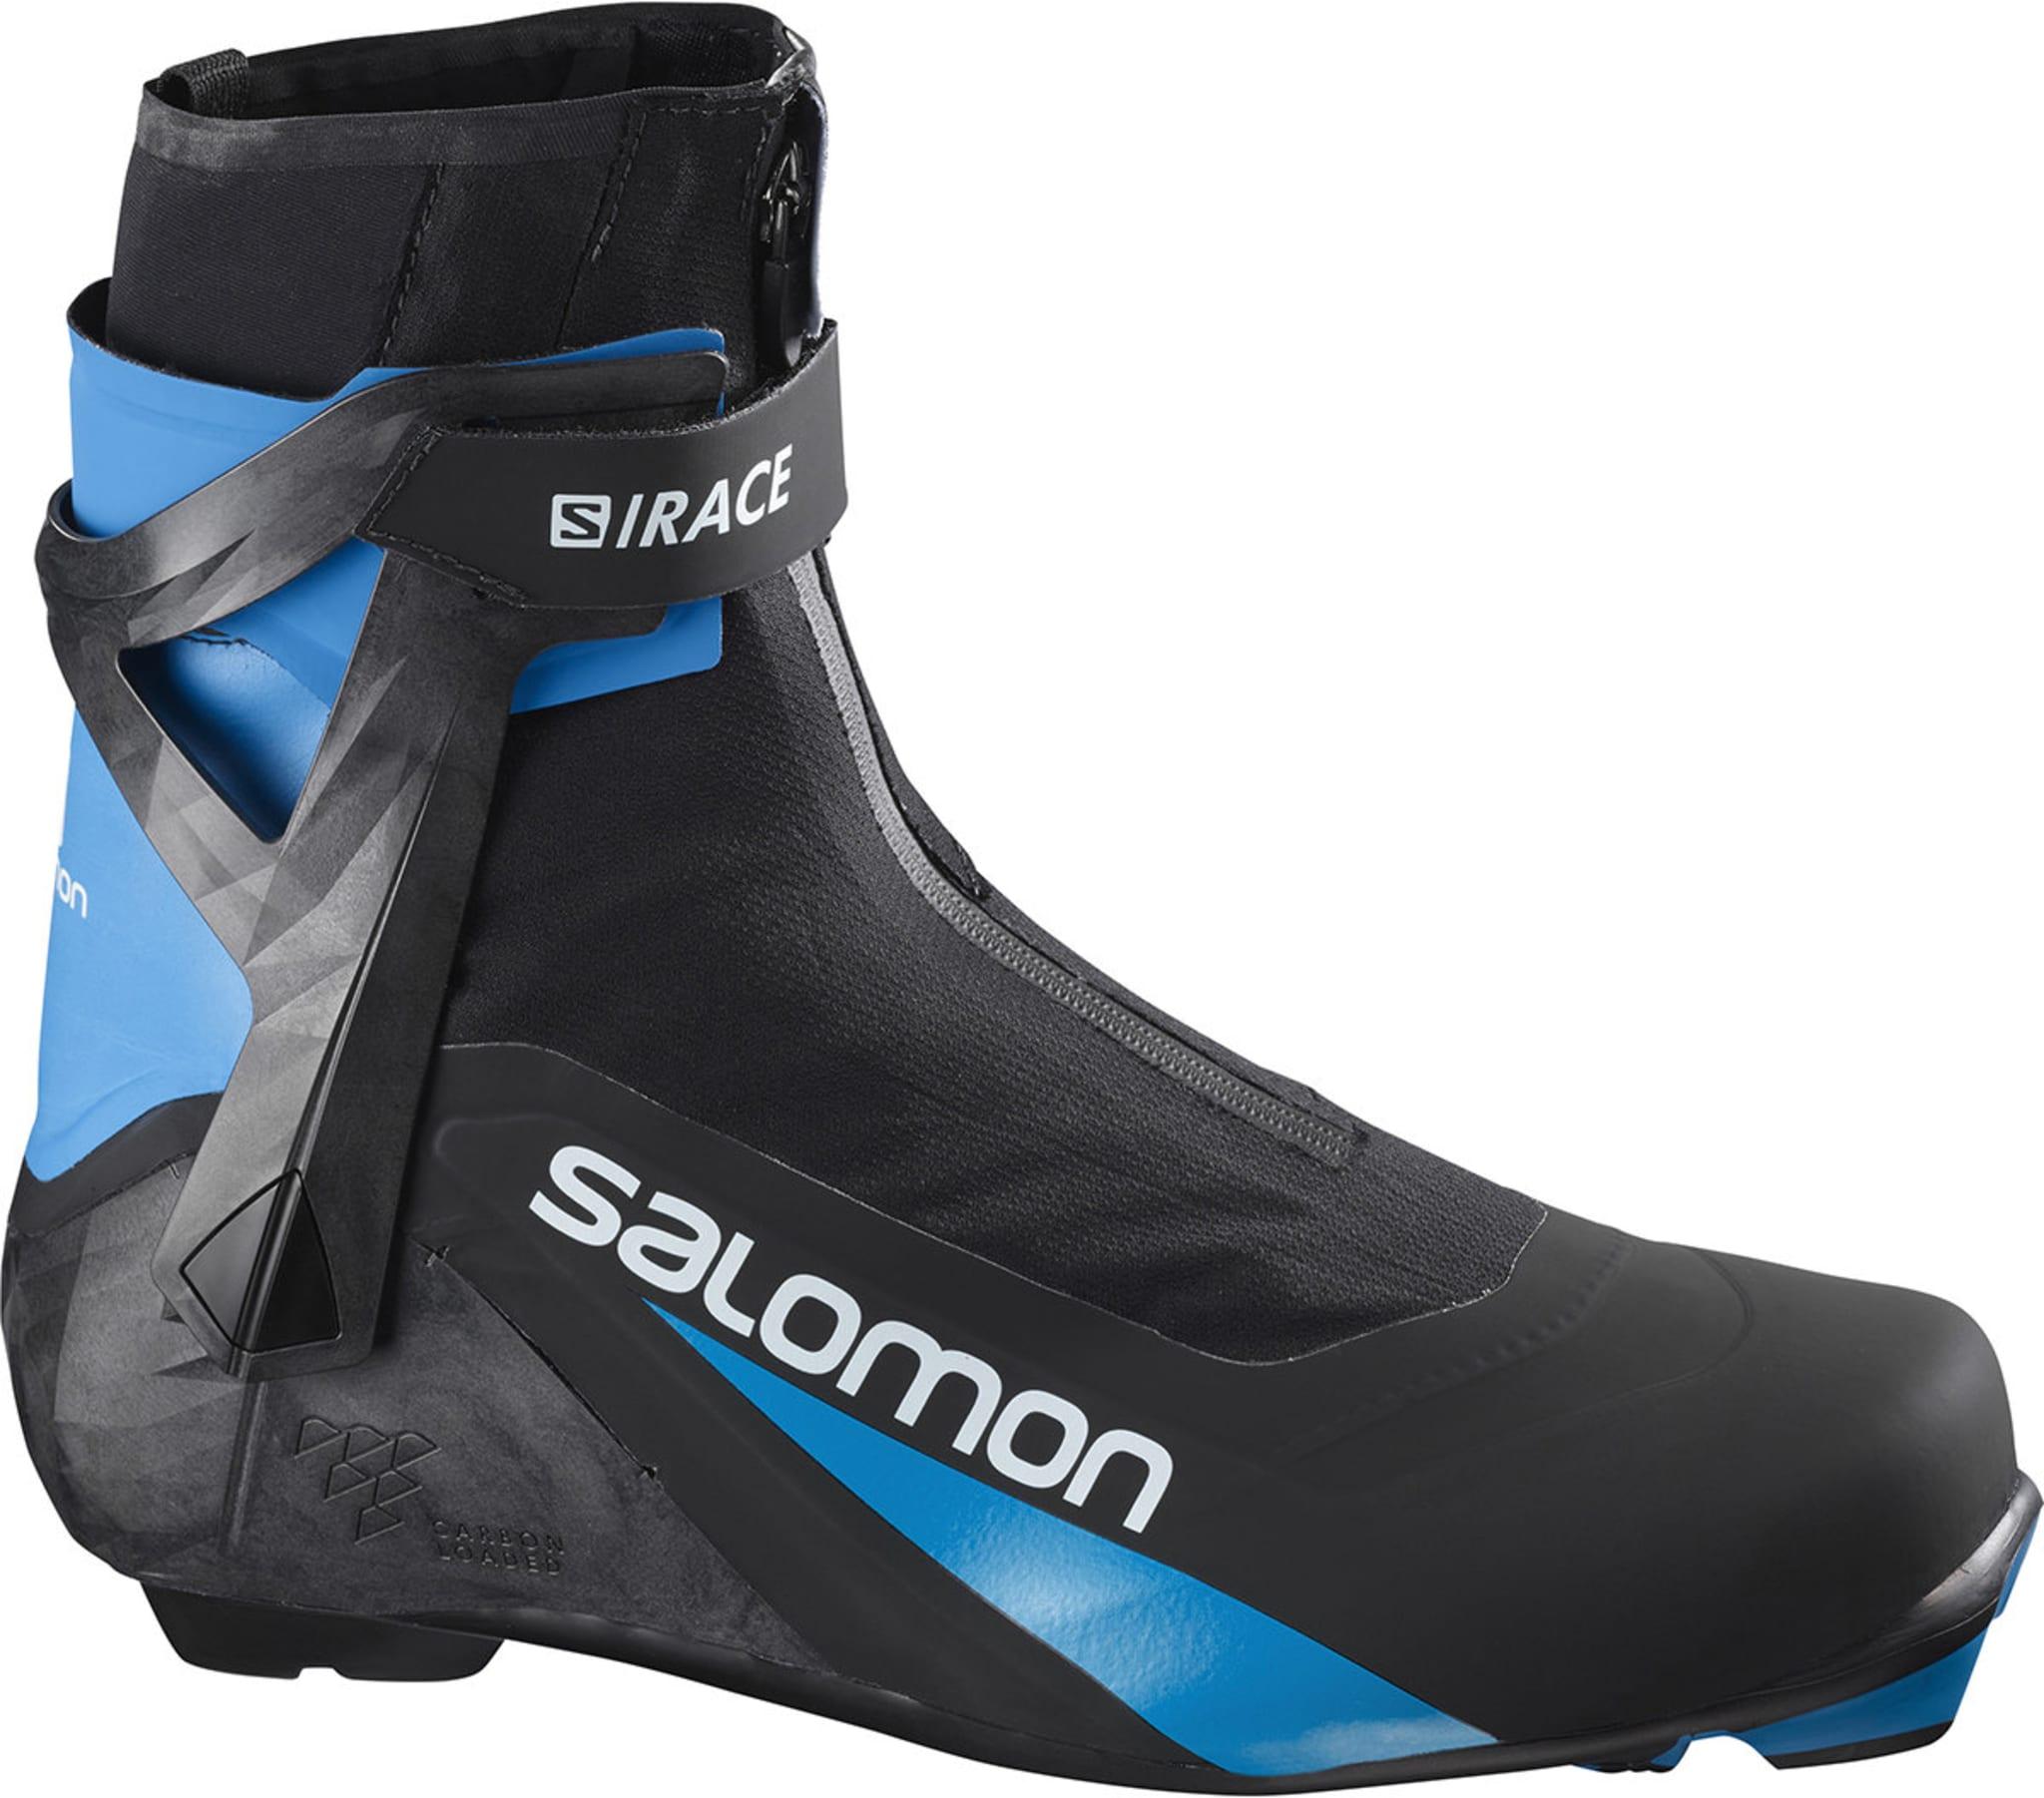 Nyhet fra Salomon, S/Race i komplett ny utgave!